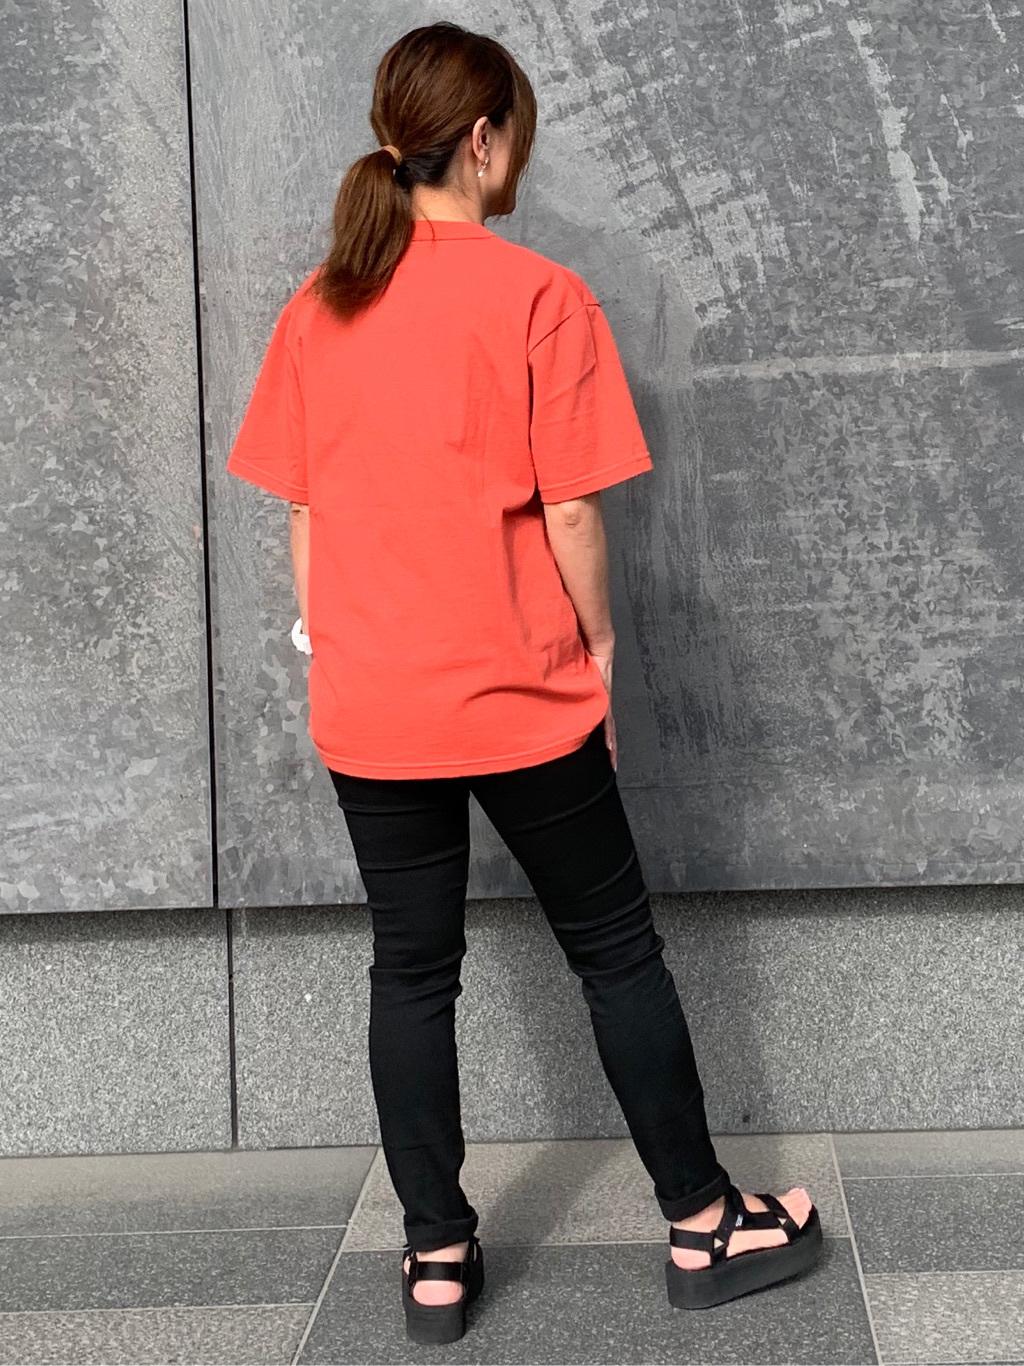 LINKS UMEDA店のYUKIさんのEDWINの【ガレージセール】カレッジロゴ Tシャツ 半袖 Aを使ったコーディネート